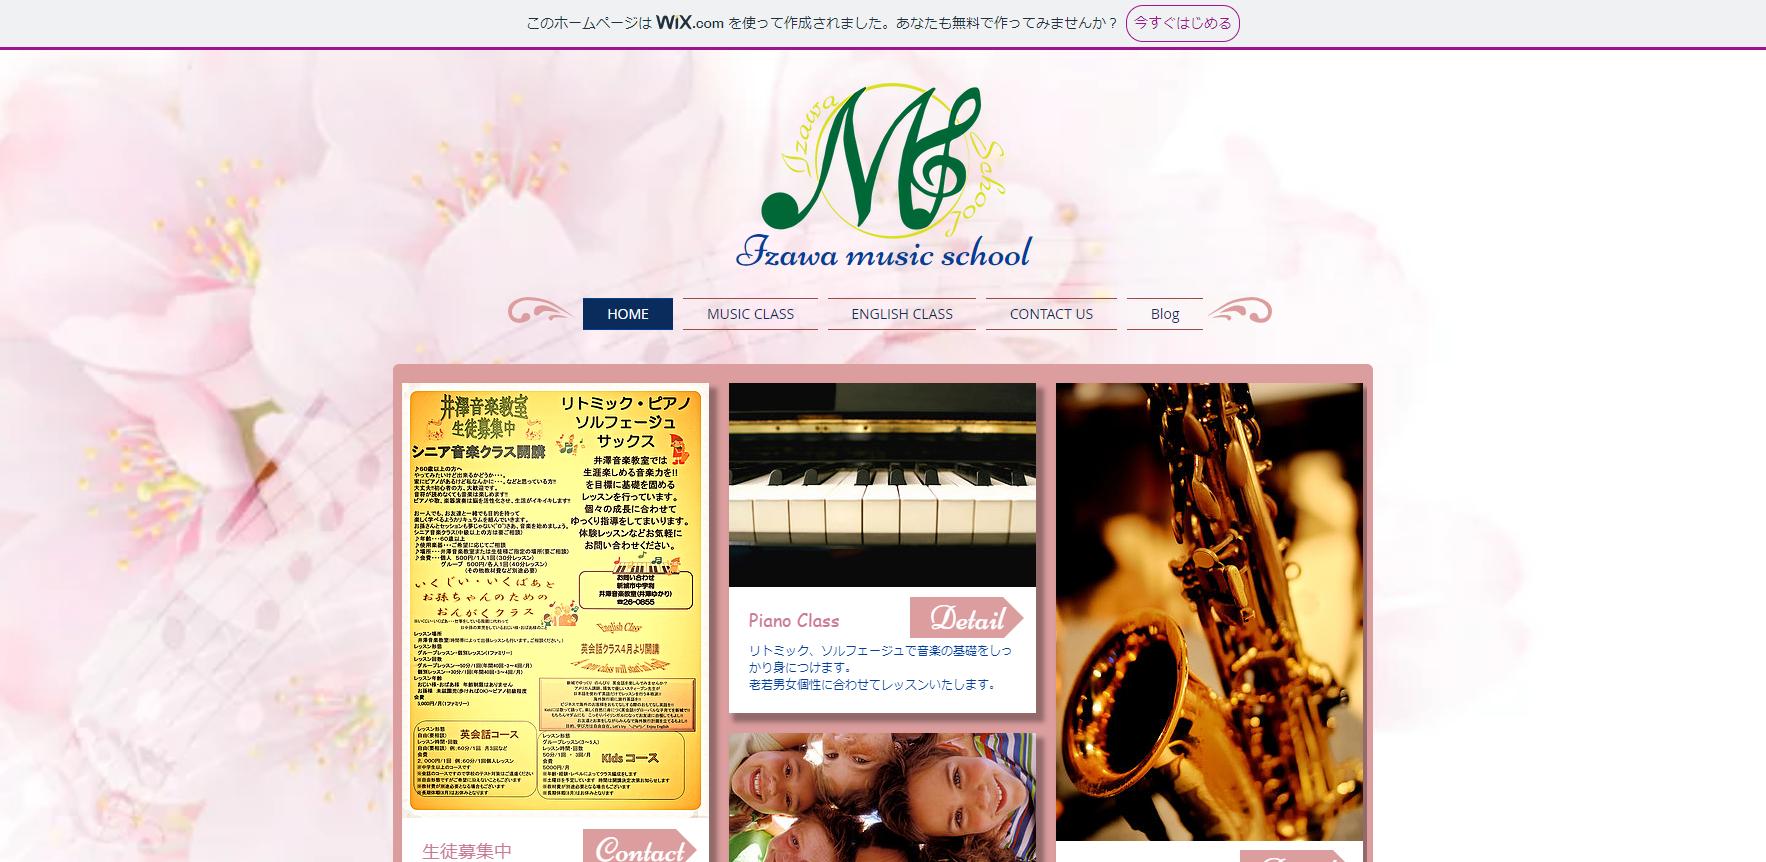 井澤音楽教室のサムネイル